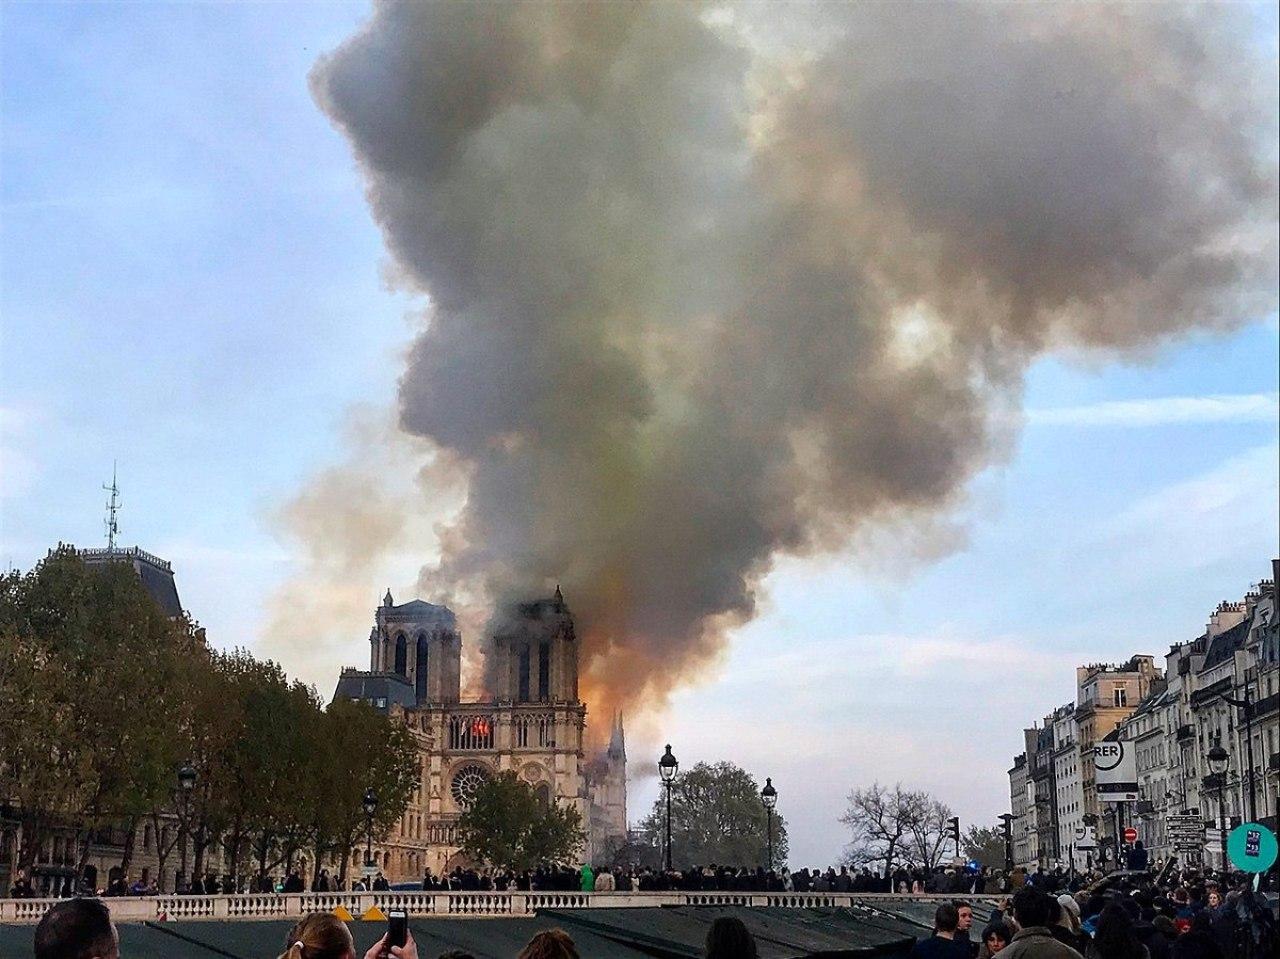 Notre Dame, April 15, 2019